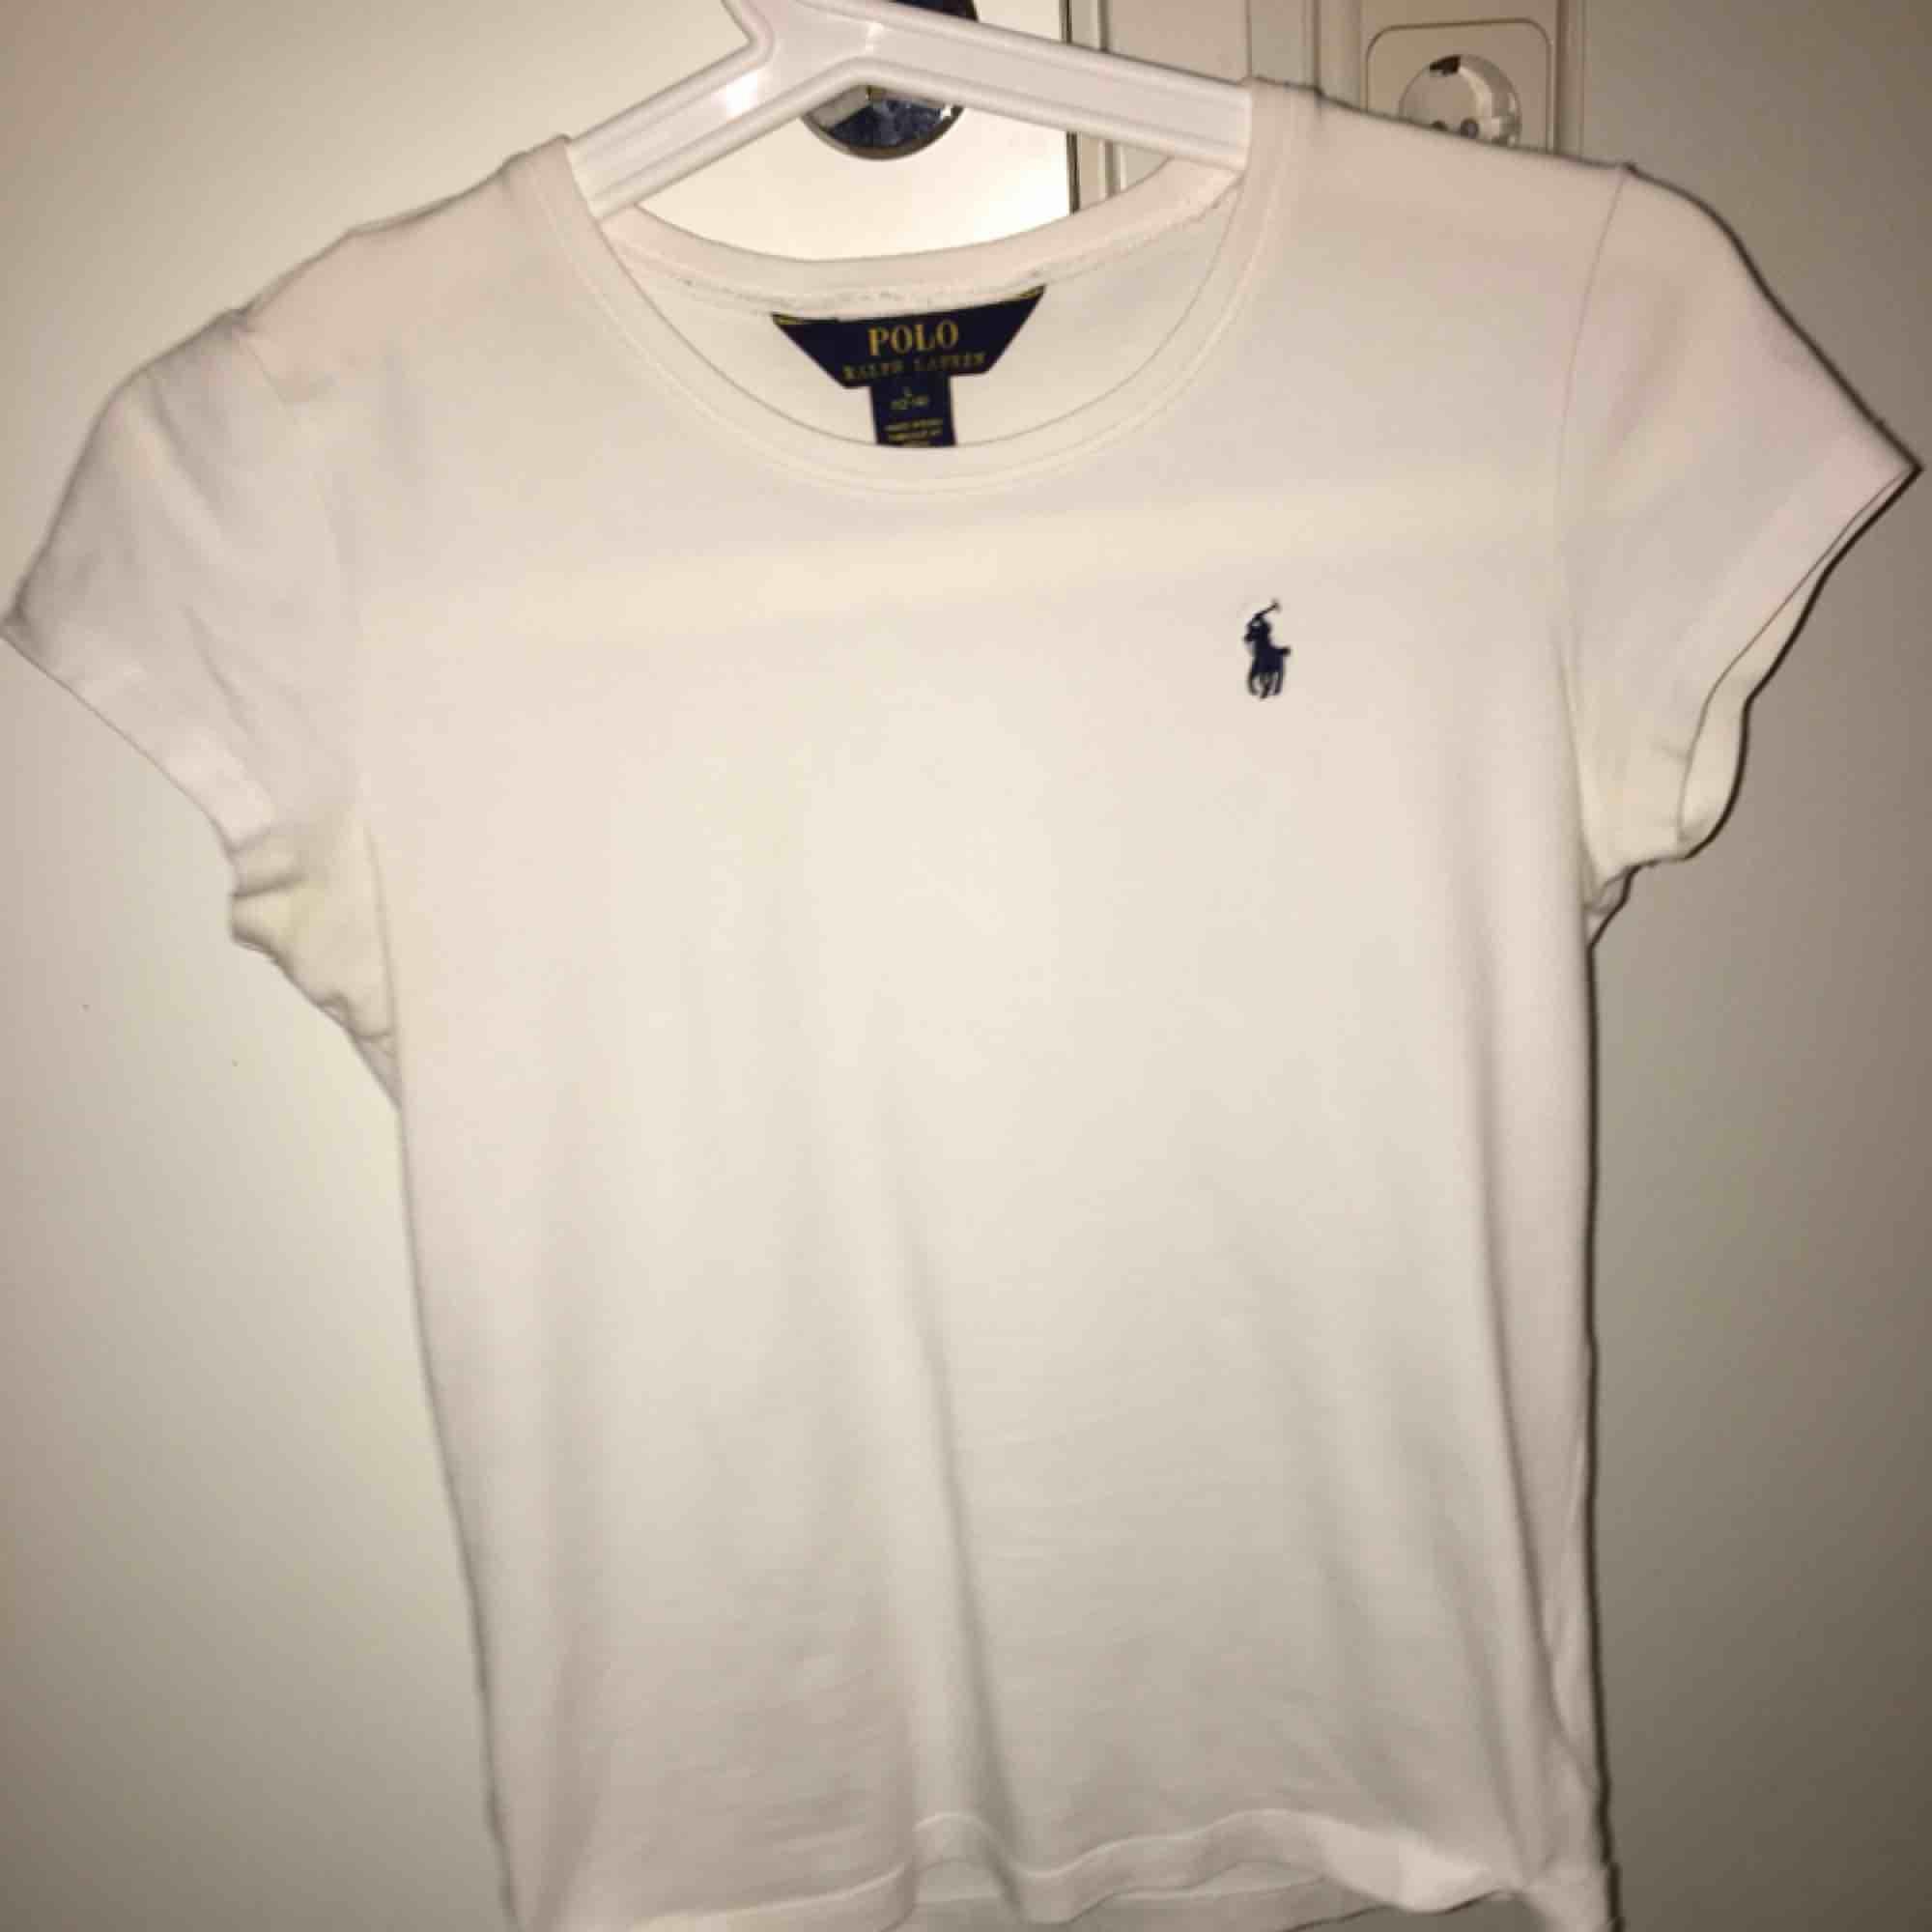 Ralph lauren T-shirt. T-shirts.